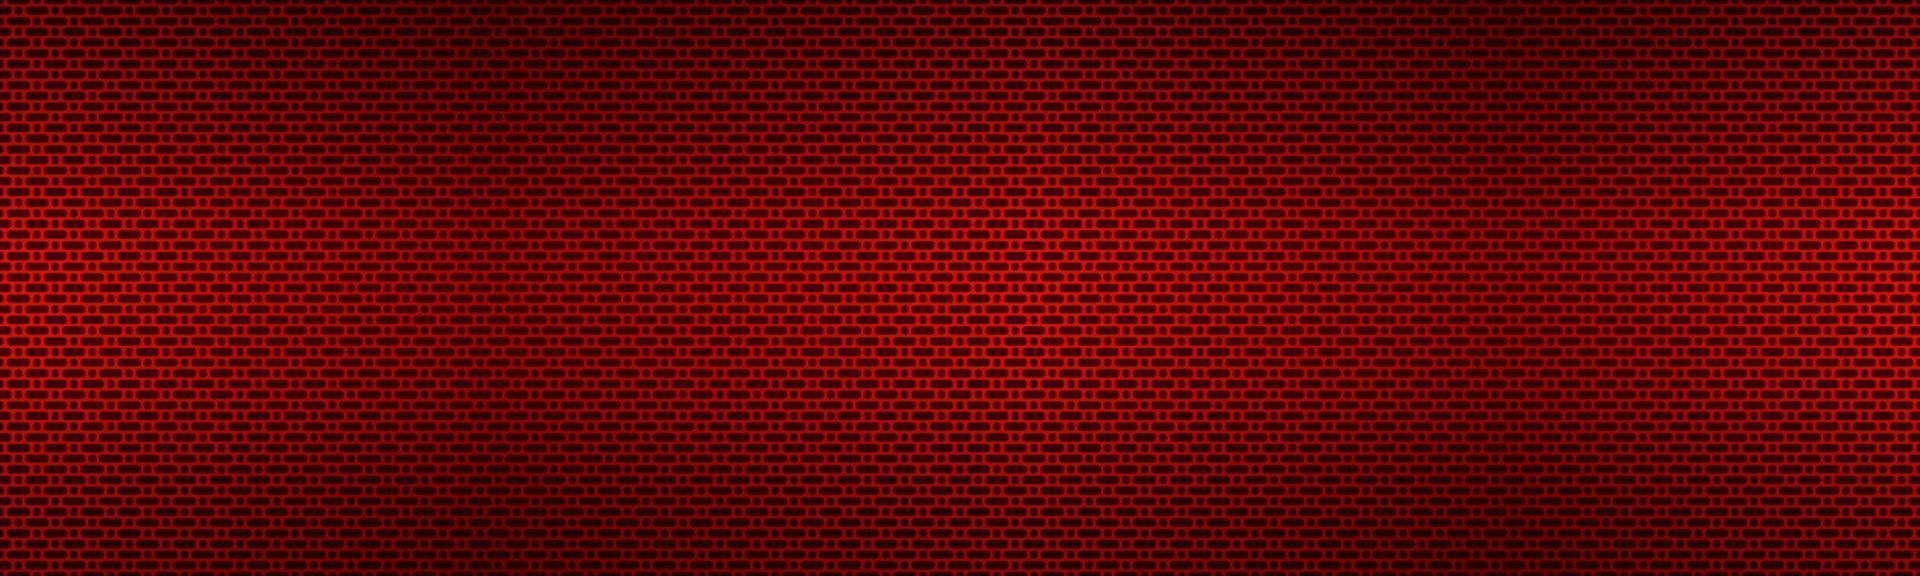 intestazione metallica rossa perforata. banner di struttura in metallo. semplice illustrazione di texnology. cerchio, rettangolo arrotondato e ovale traforato vettore